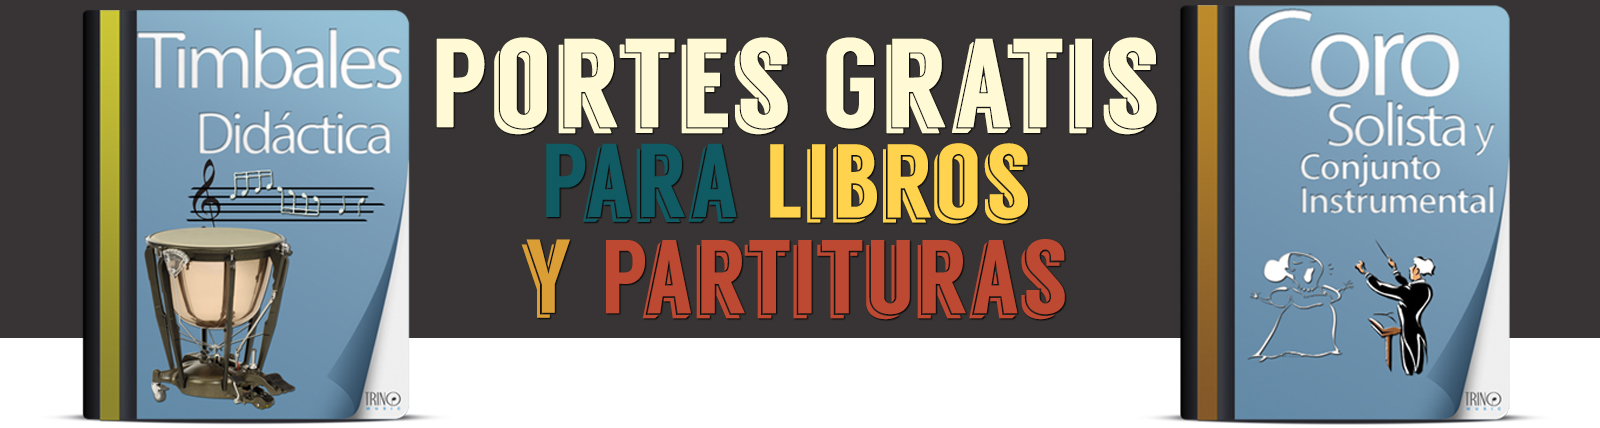 Banner Libros y partituras Porte gratis